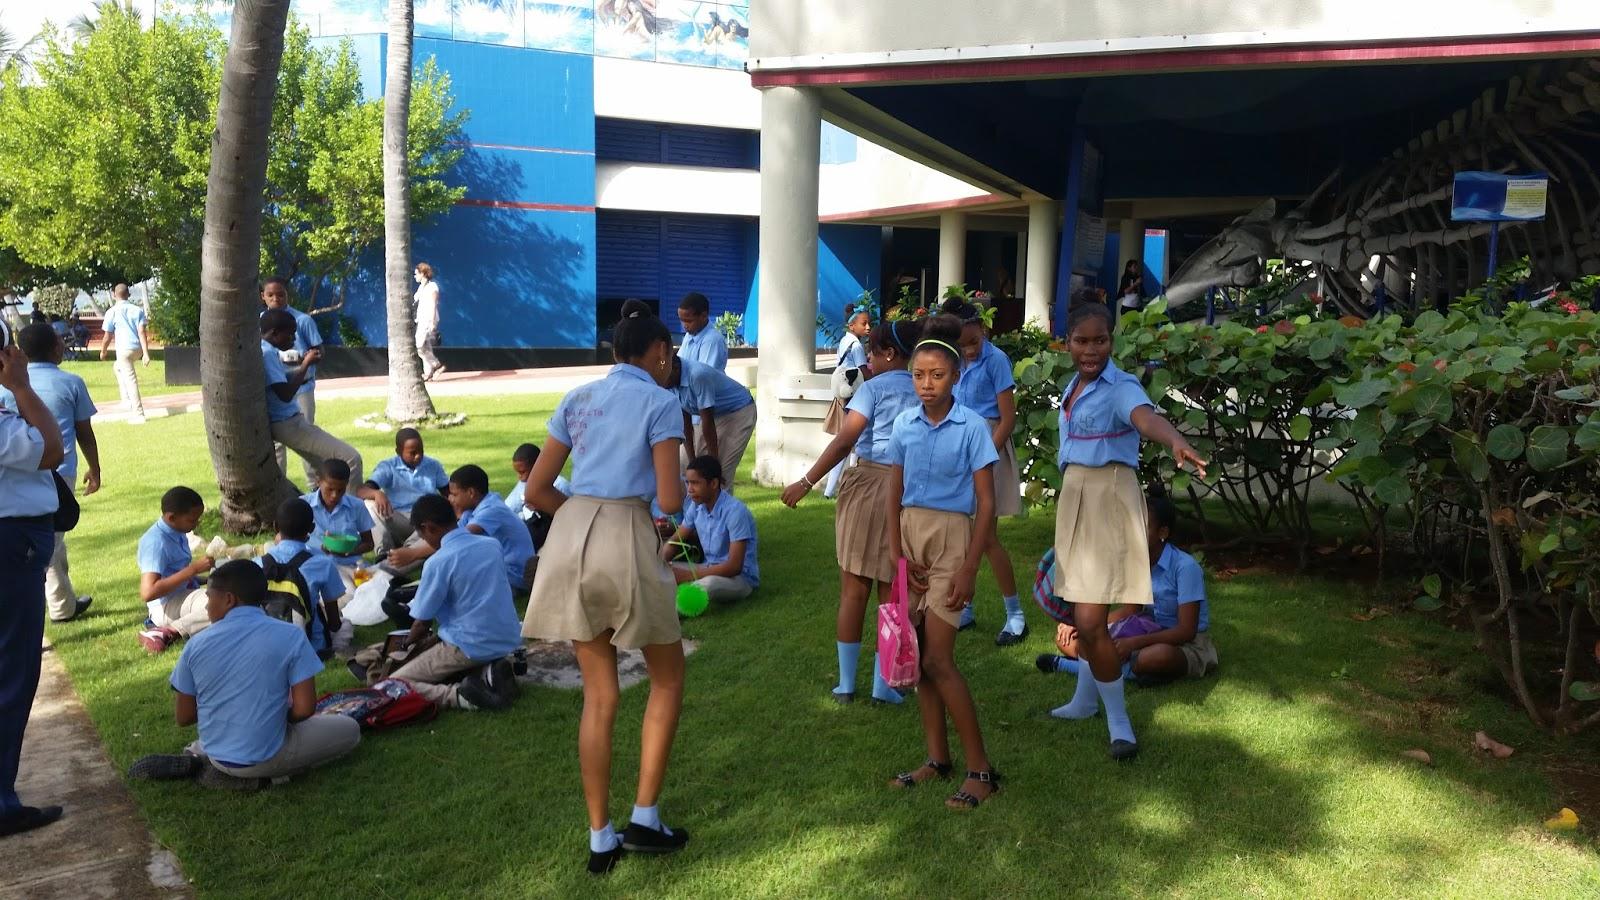 stolica Dominikany ludzie